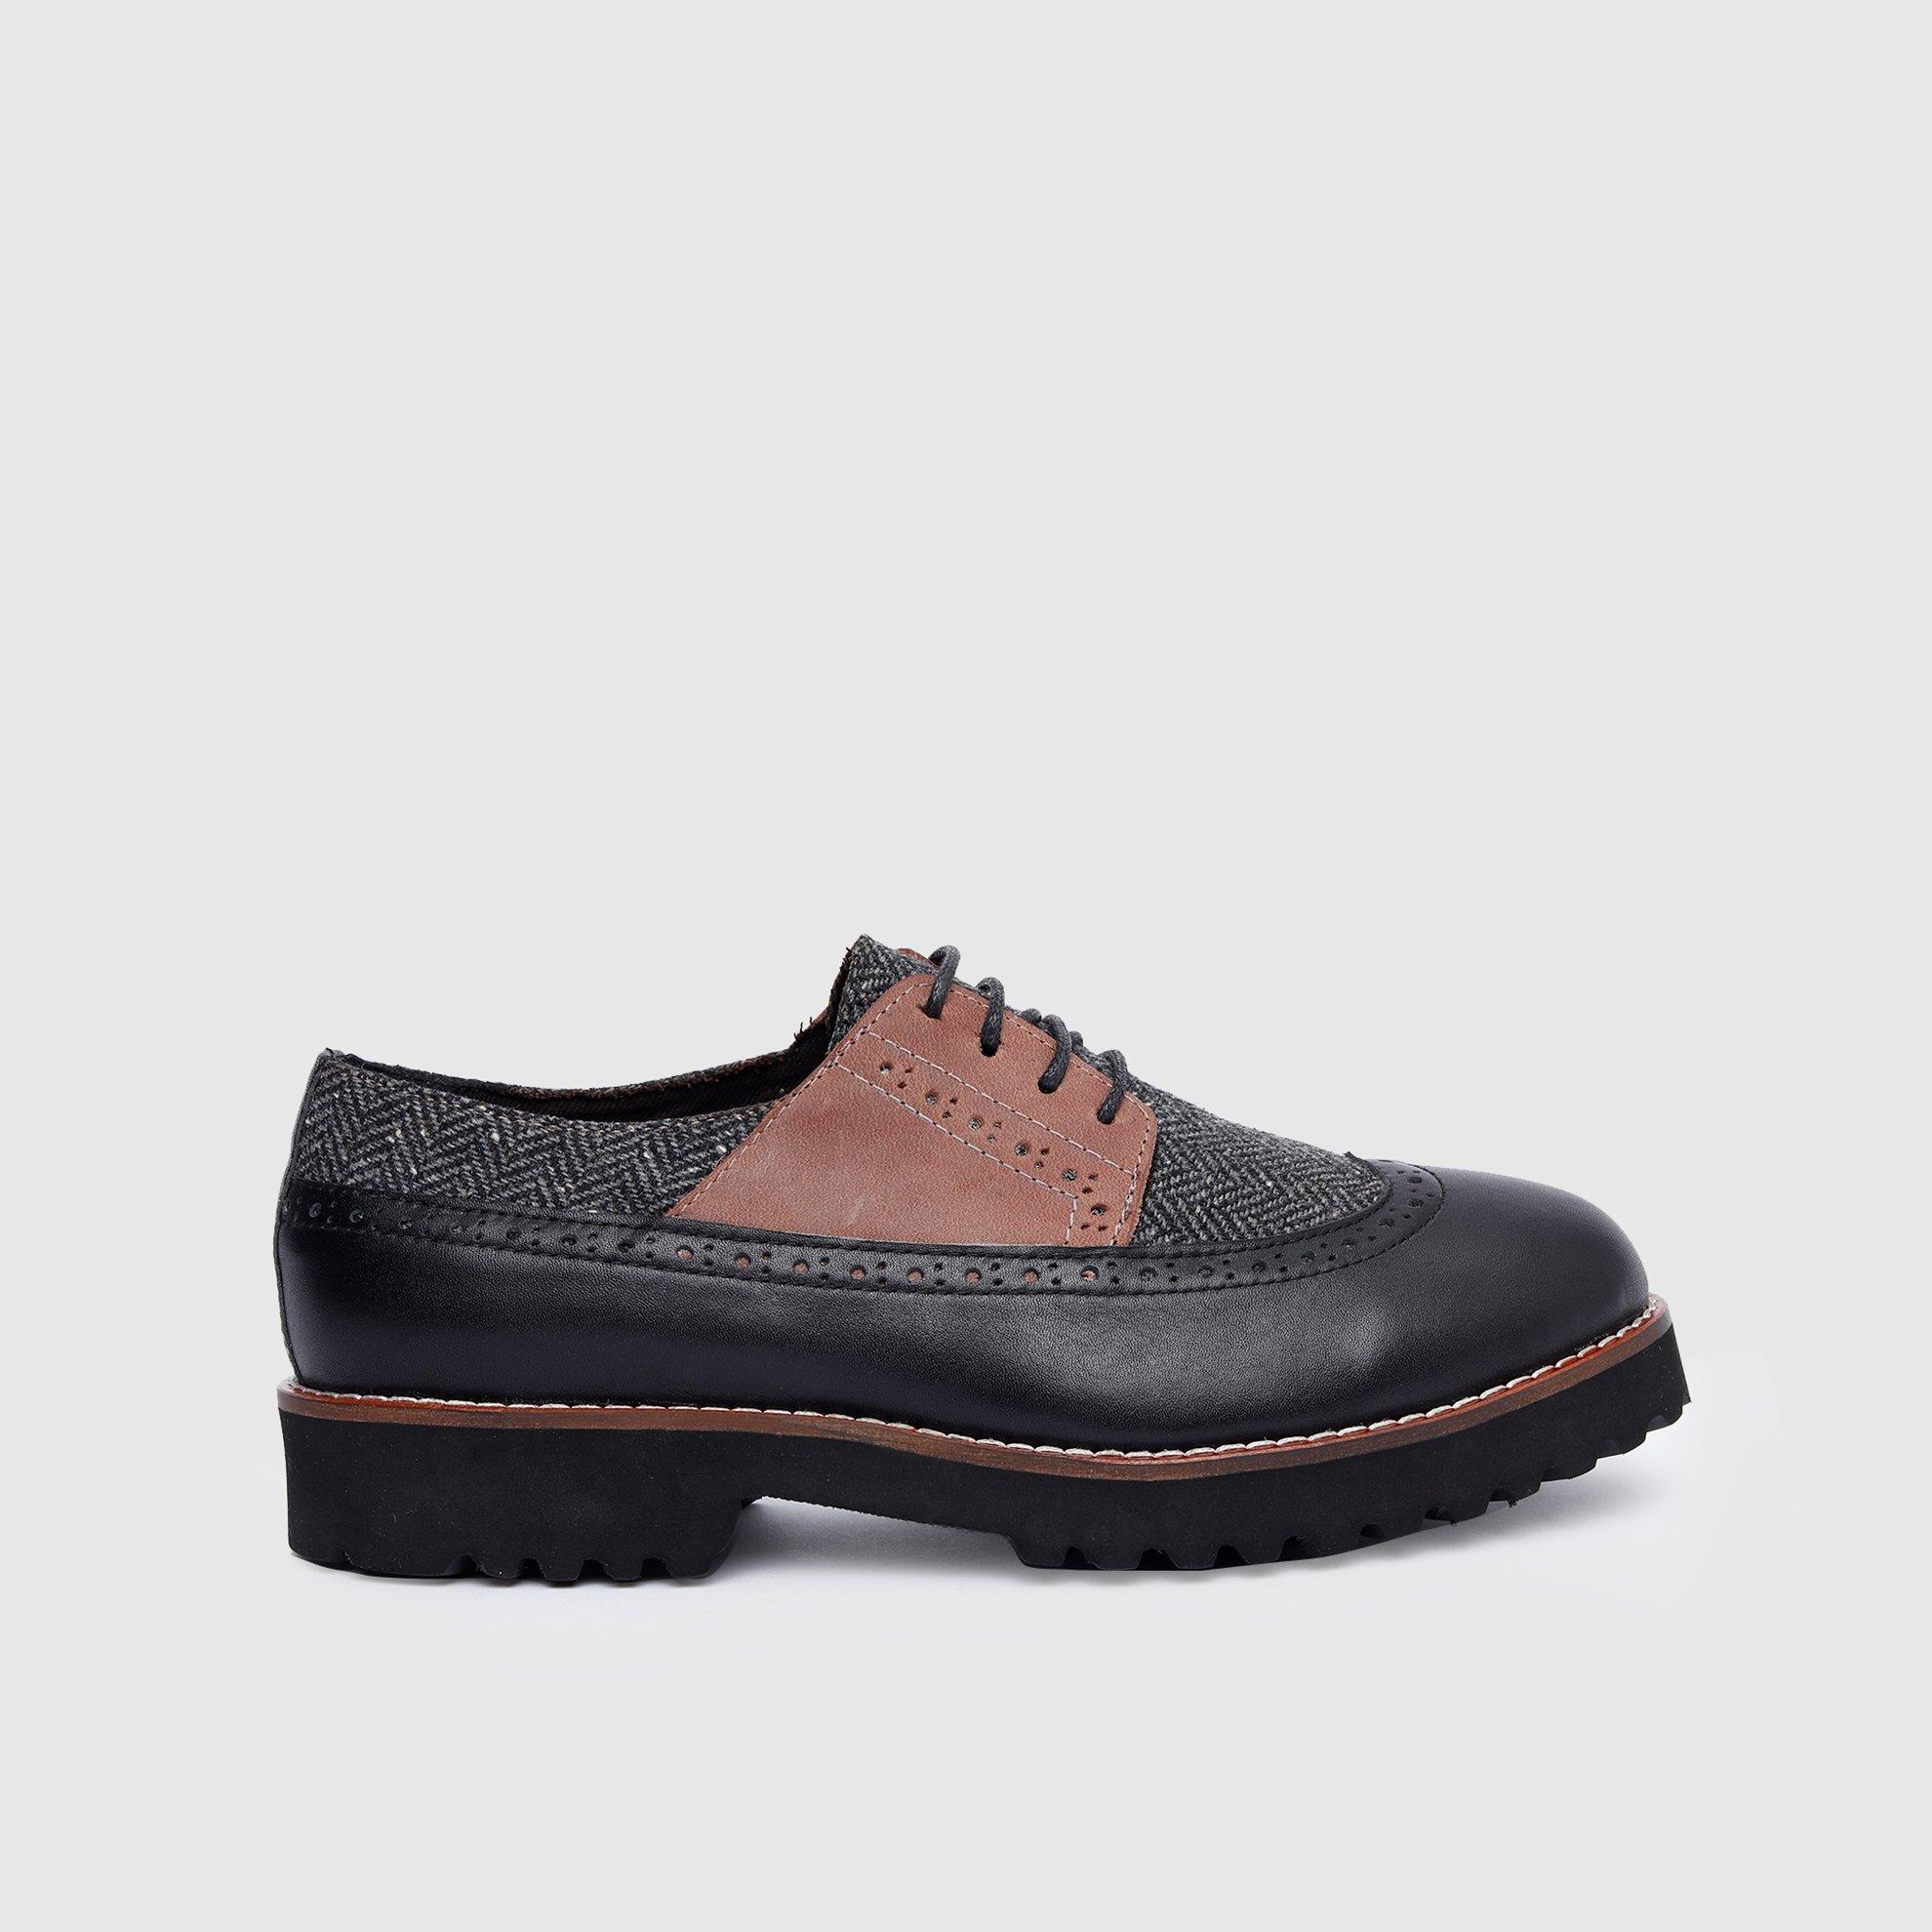 resm Kumaş Detaylı Deri Ayakkabı